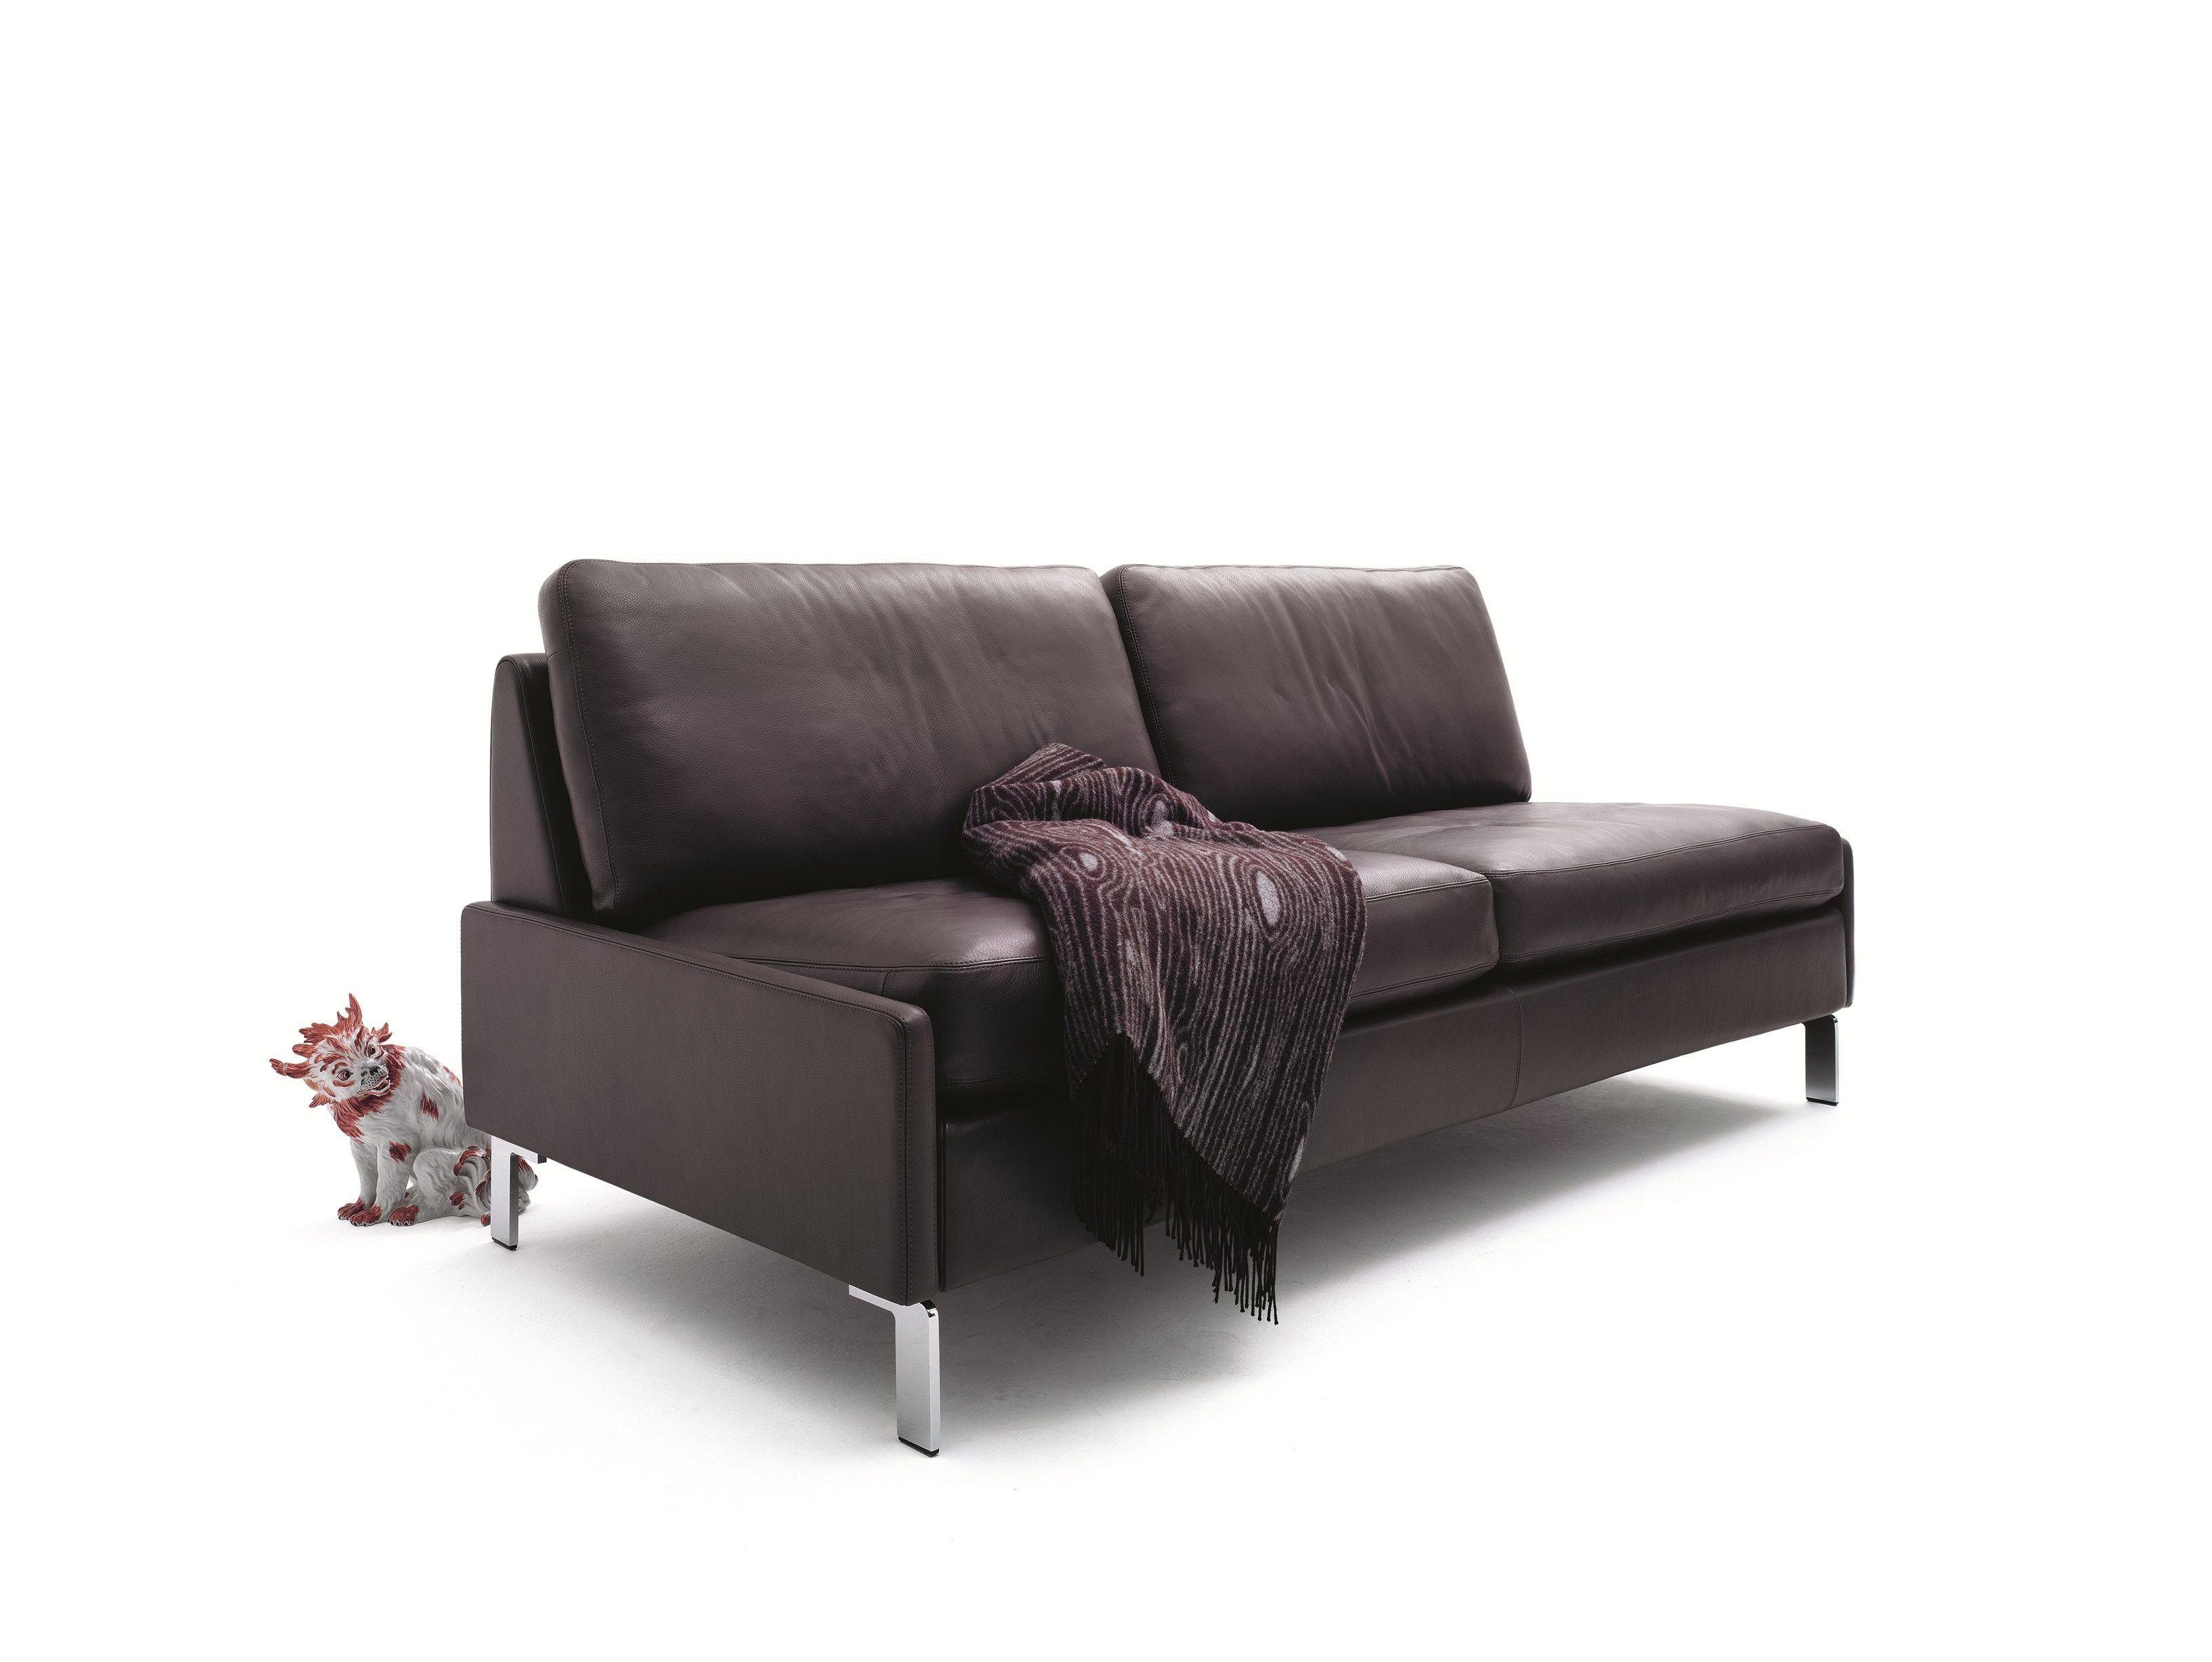 conseta sectional sofa by cor sitzm bel helmut l bke design friedrich wilhelm m ller. Black Bedroom Furniture Sets. Home Design Ideas